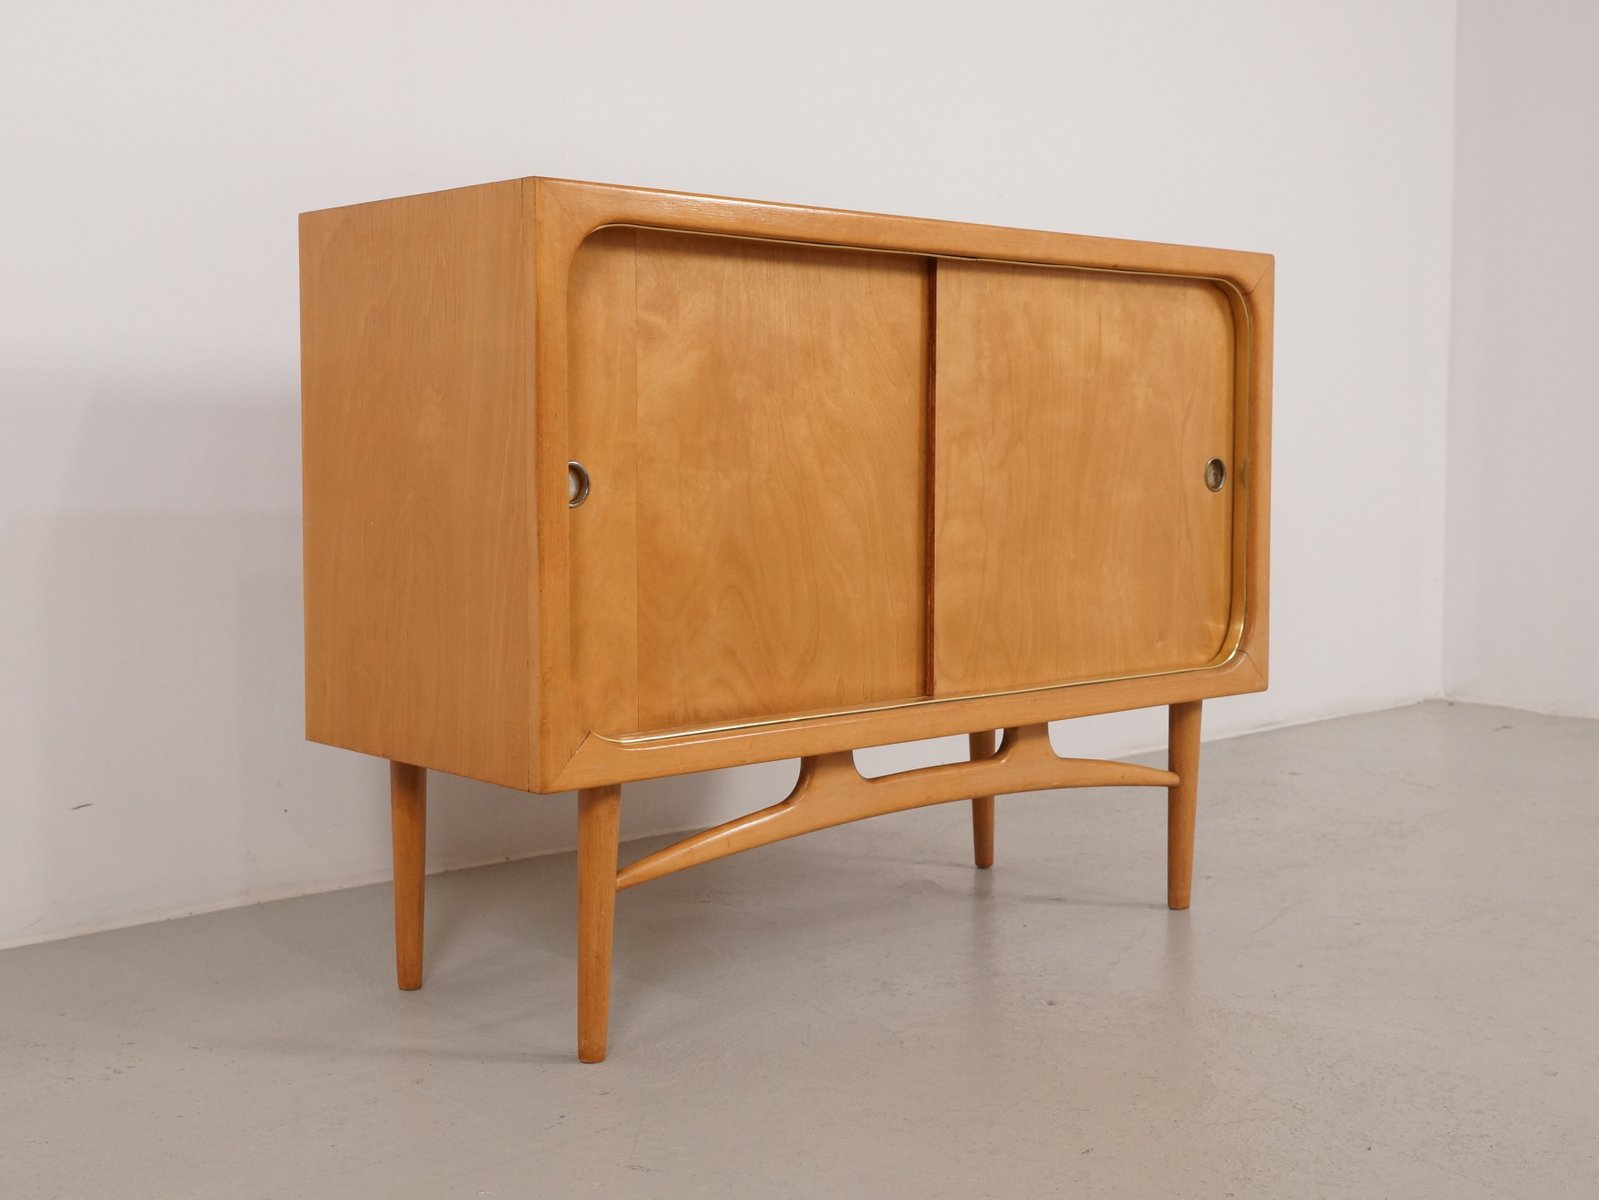 kleines sideboard oder schr nkchen 1960er bei pamono kaufen. Black Bedroom Furniture Sets. Home Design Ideas